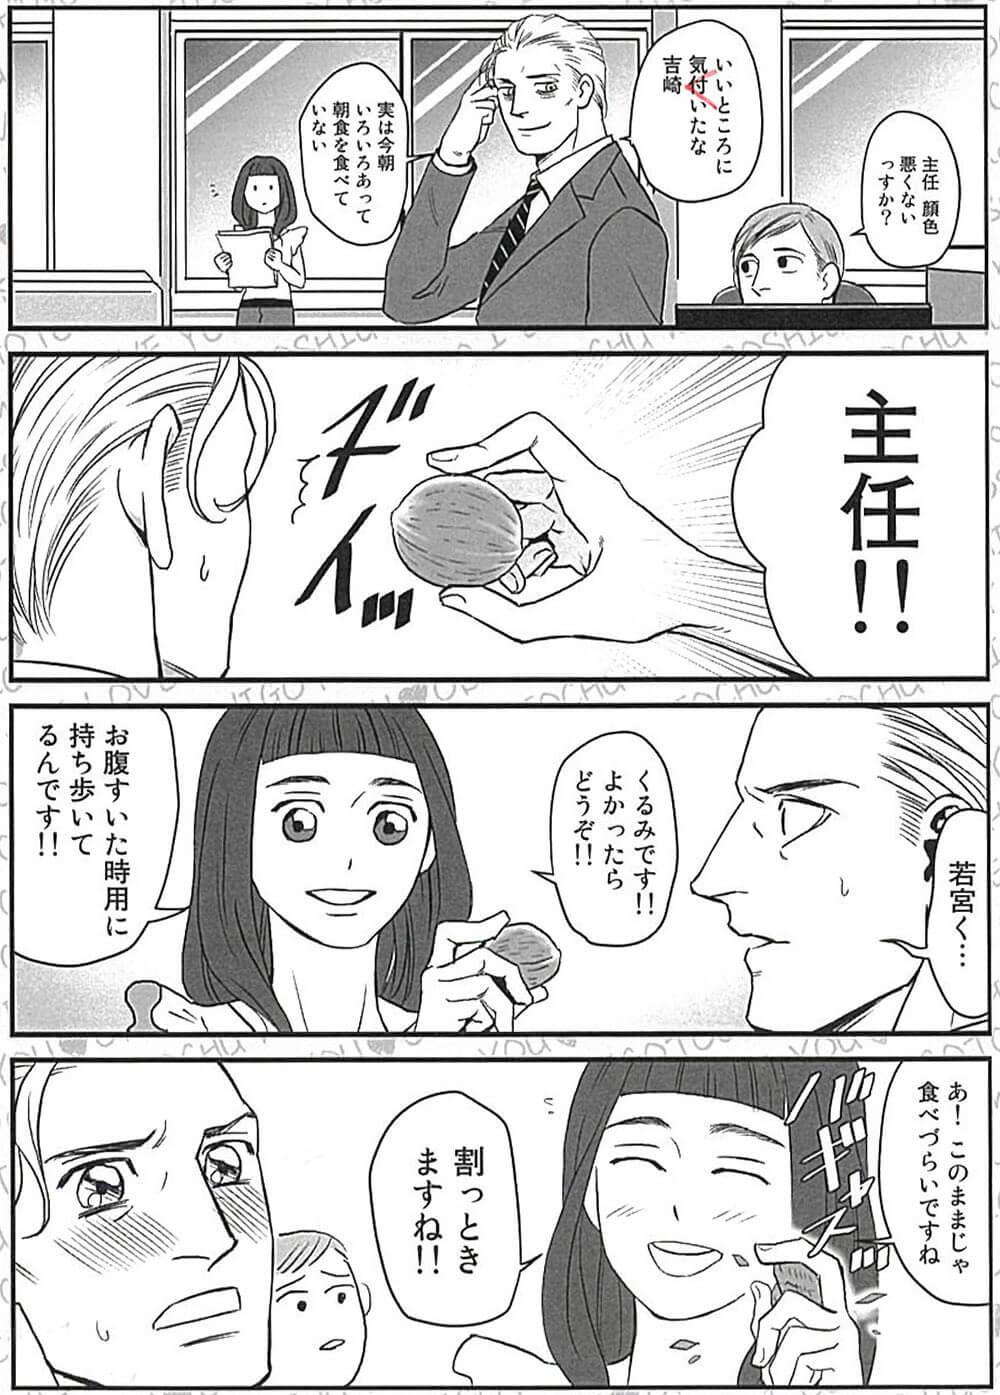 上司が新入社員に恋する漫画1-4